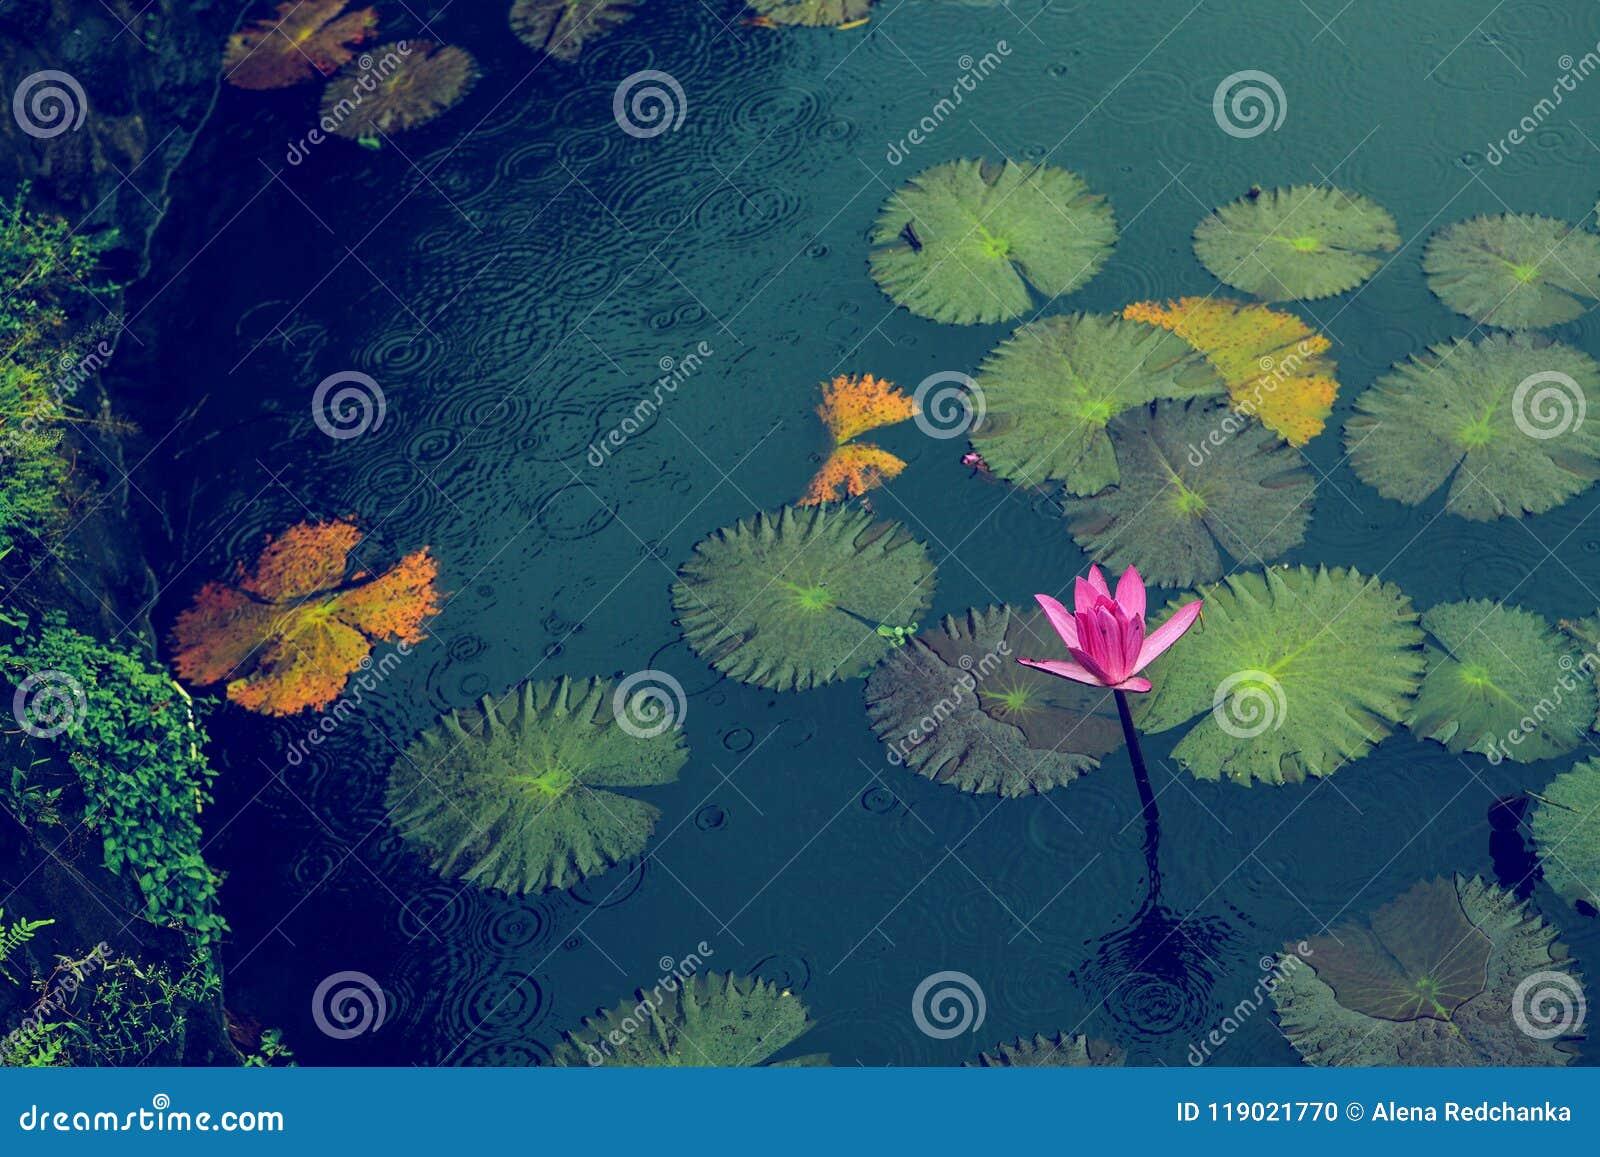 Ρόδινος ανθίζοντας κρίνος νερού με τα φύλλα κάτω από τη βροχή στη μικρή λίμνη